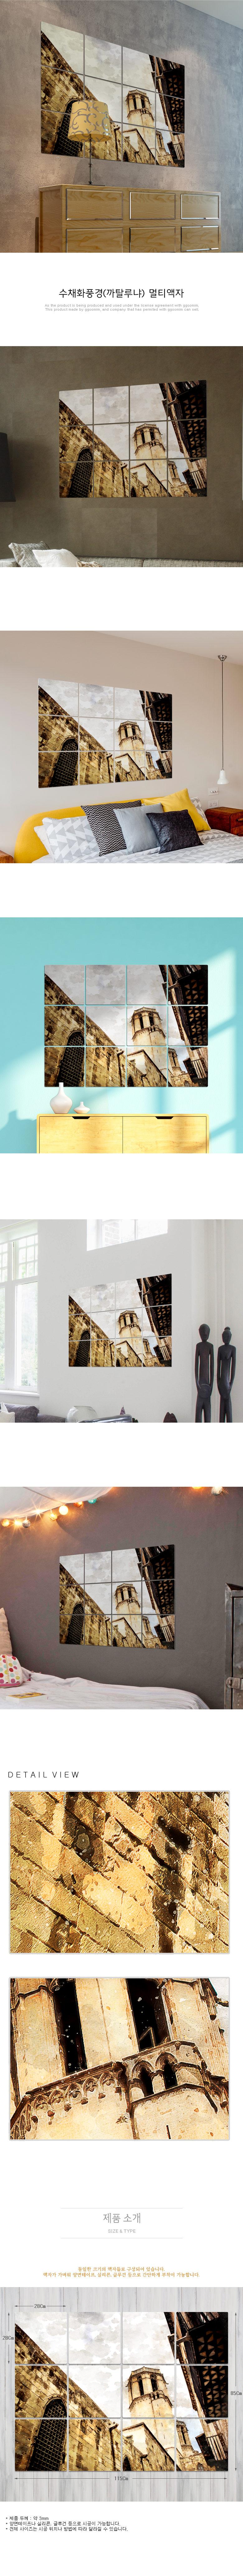 멀티액자_수채화풍경(까탈루냐) - 꾸밈, 74,000원, 홈갤러리, 사진아트